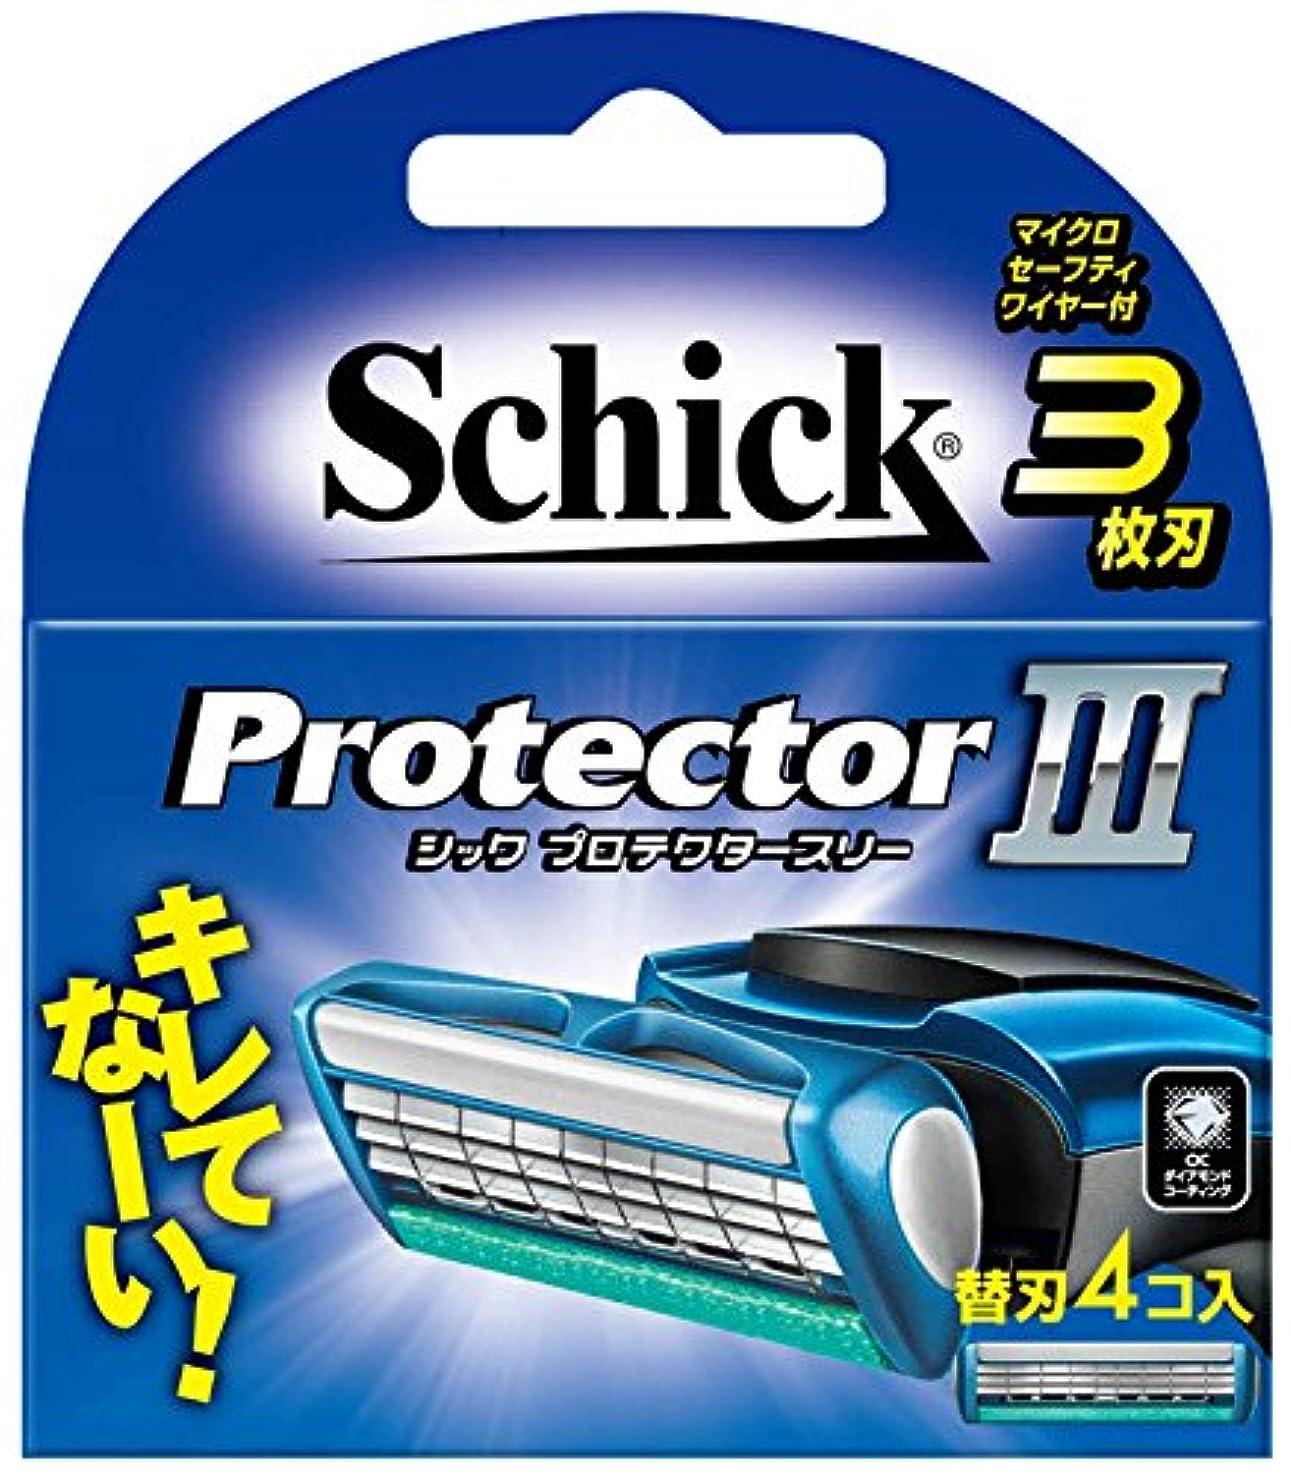 シルク兵隊正当なシック プロテクタースリー 替刃 (4コ入)